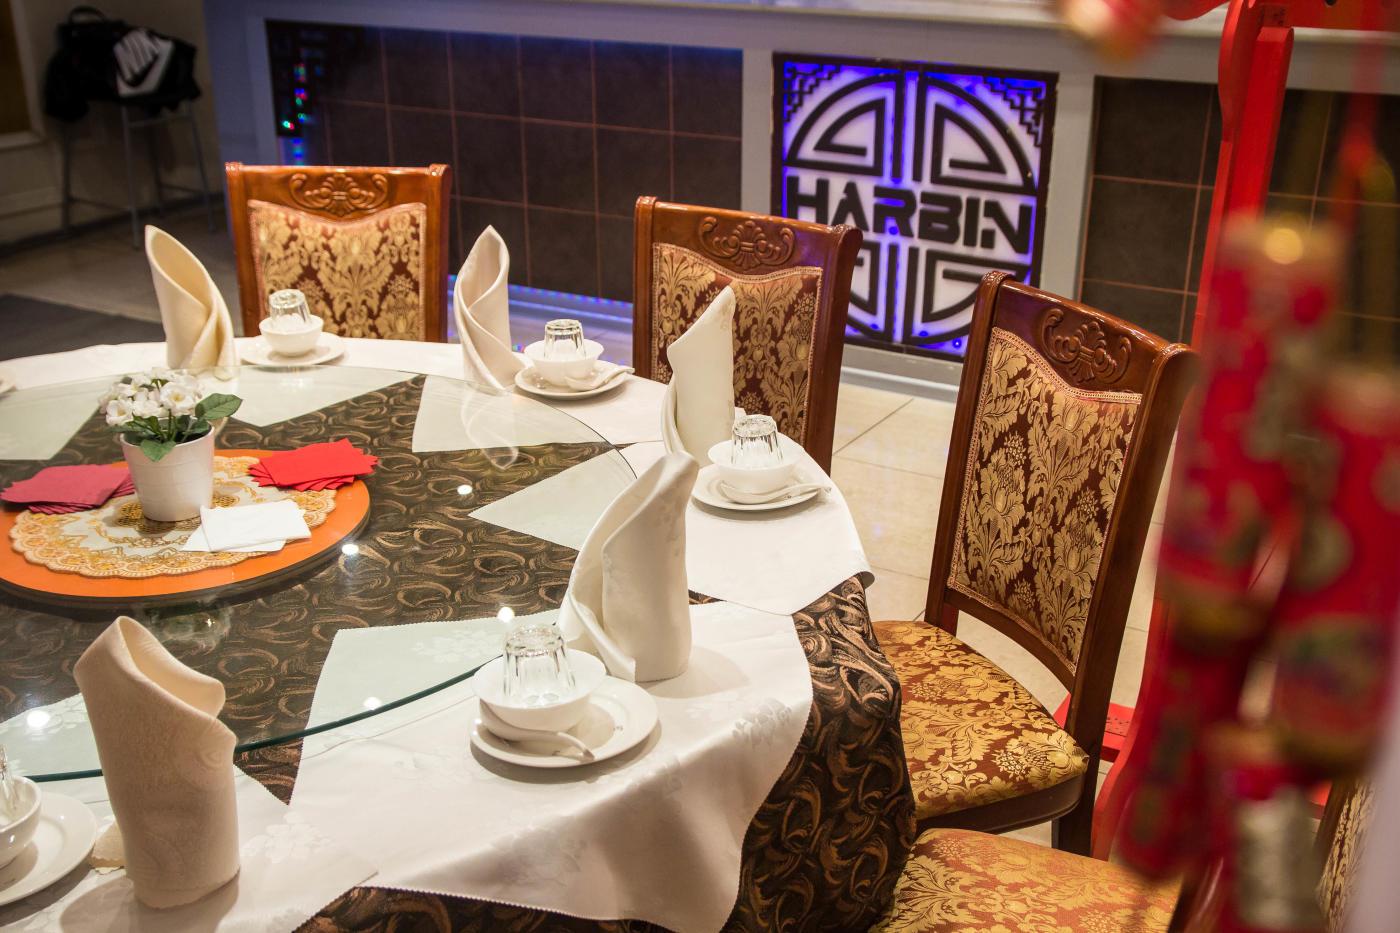 Китайский Ресторан Харбин (Большая Якиманка / Октябрьская) фото 31